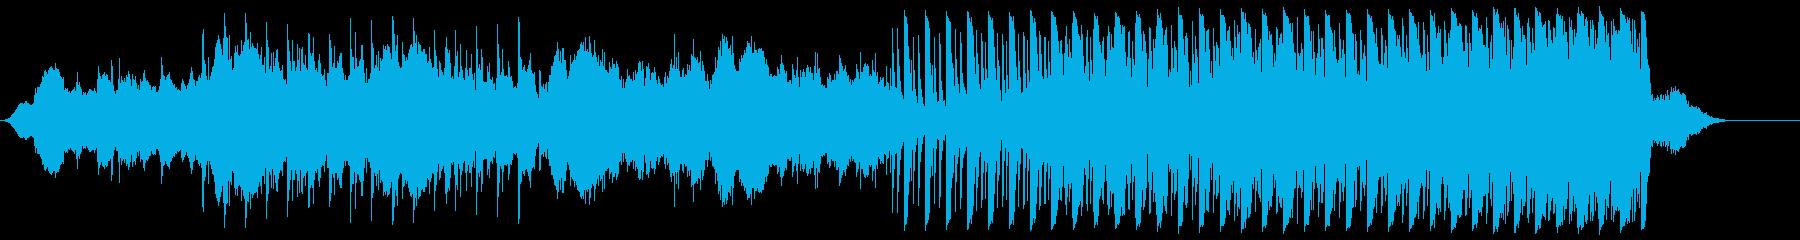 サスペンスの再生済みの波形